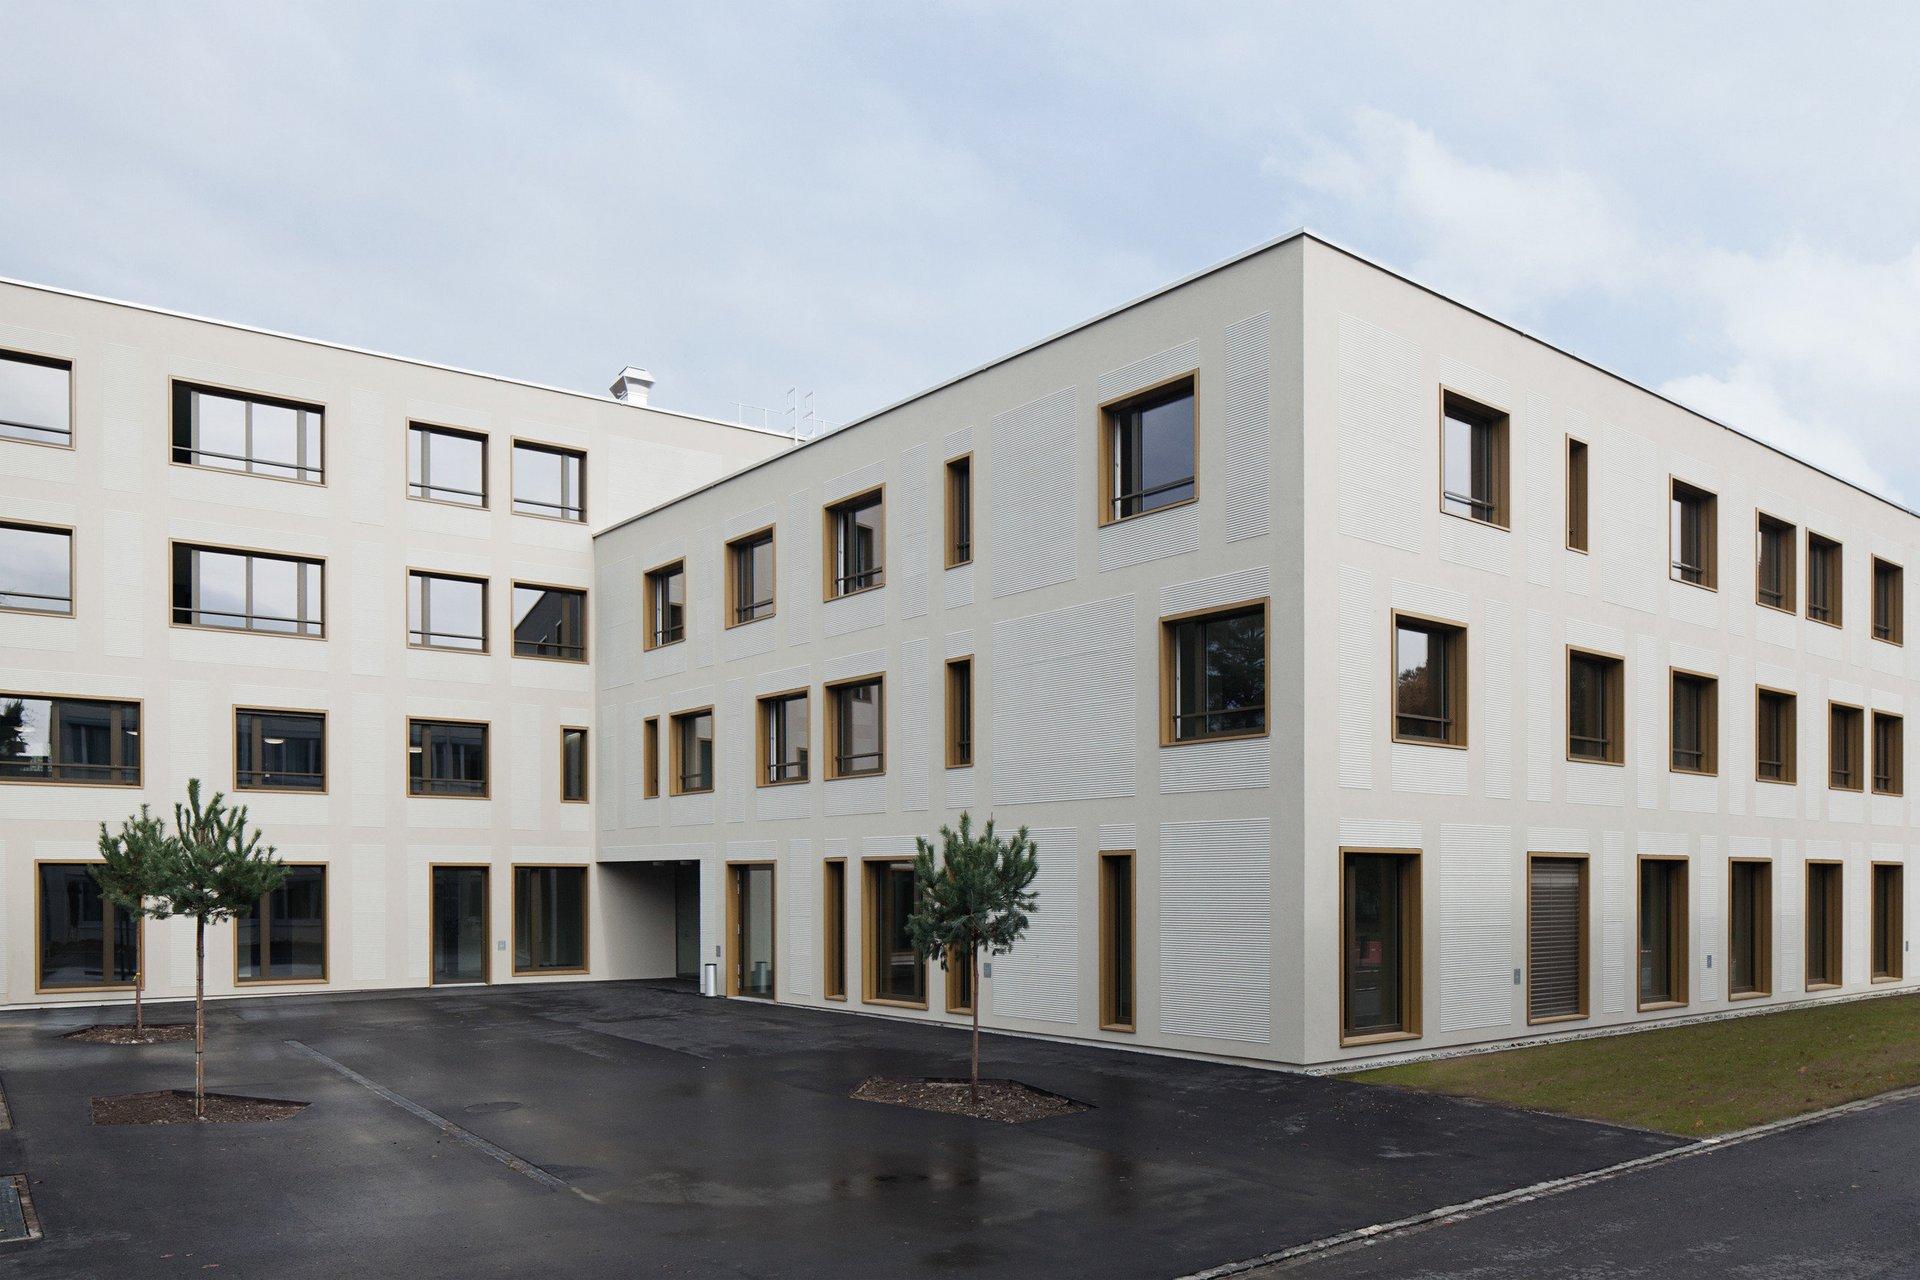 Mehrstöckiges Gebäude mit verschiedenen Fensterelementen